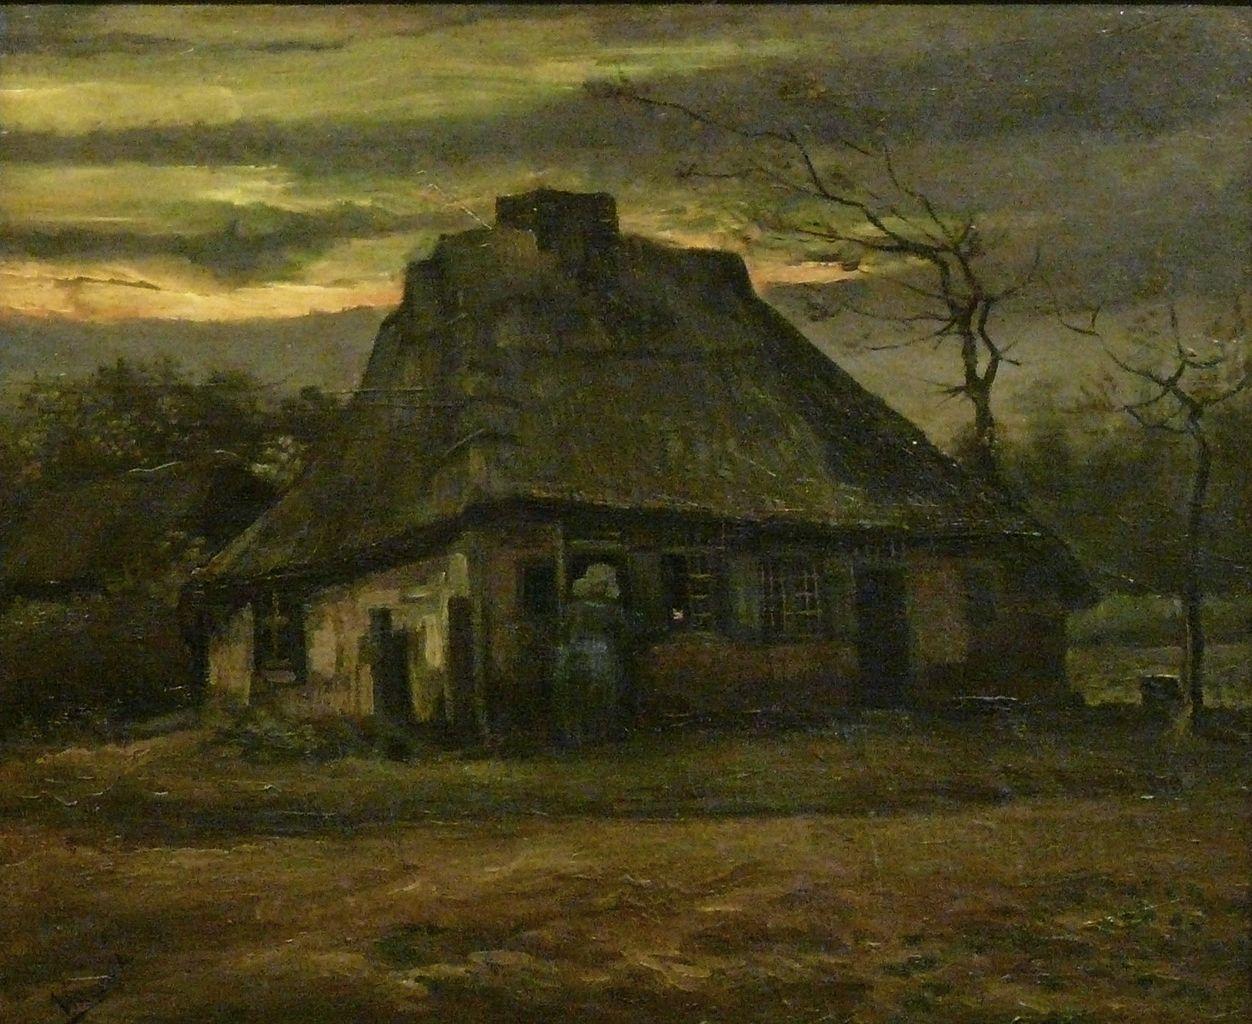 File:WLANL - jankie - De hut, Vincent van Gogh (1885).jpg